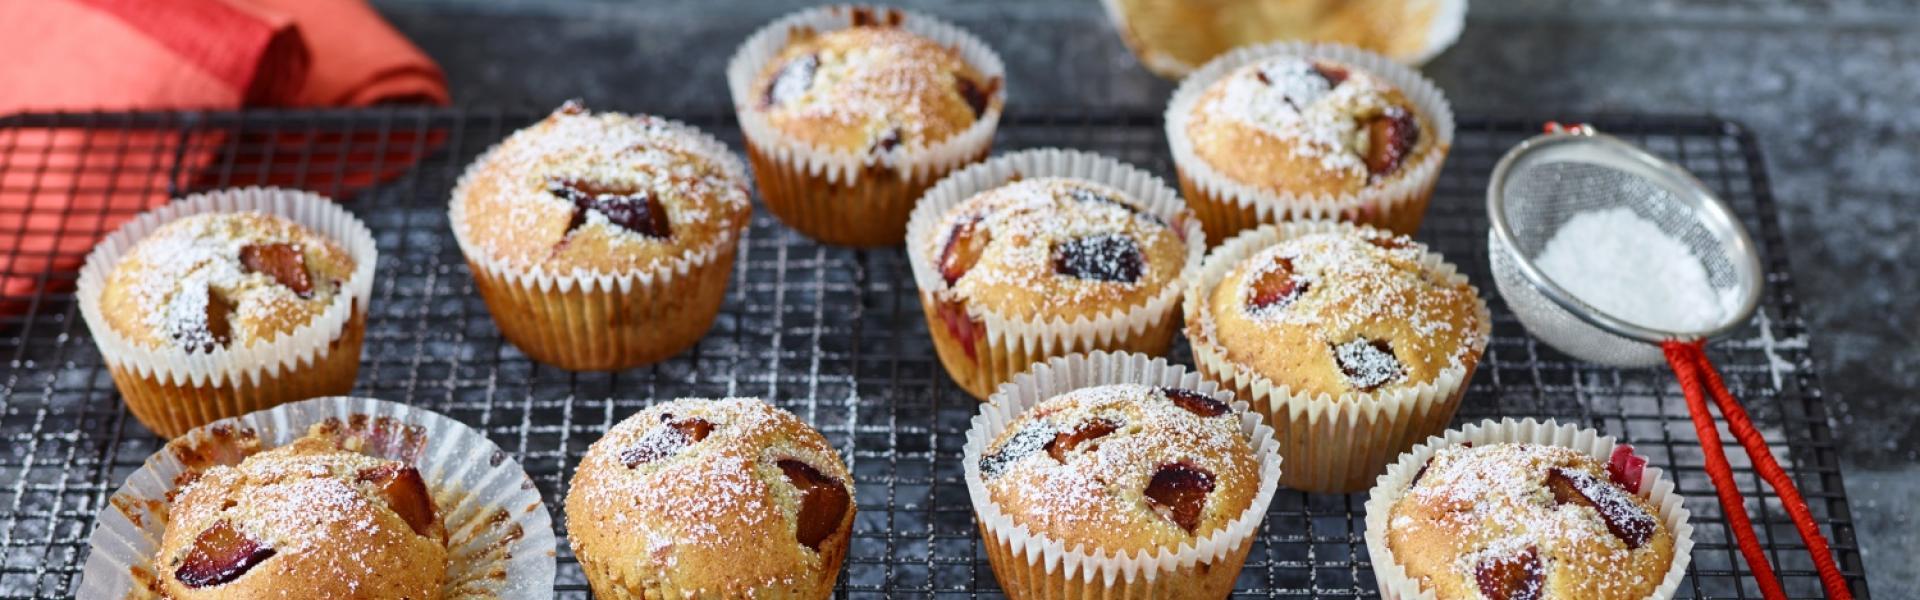 Zehn Pflaumen-Muffins auf Kuchengitter und Puderzuckersieb